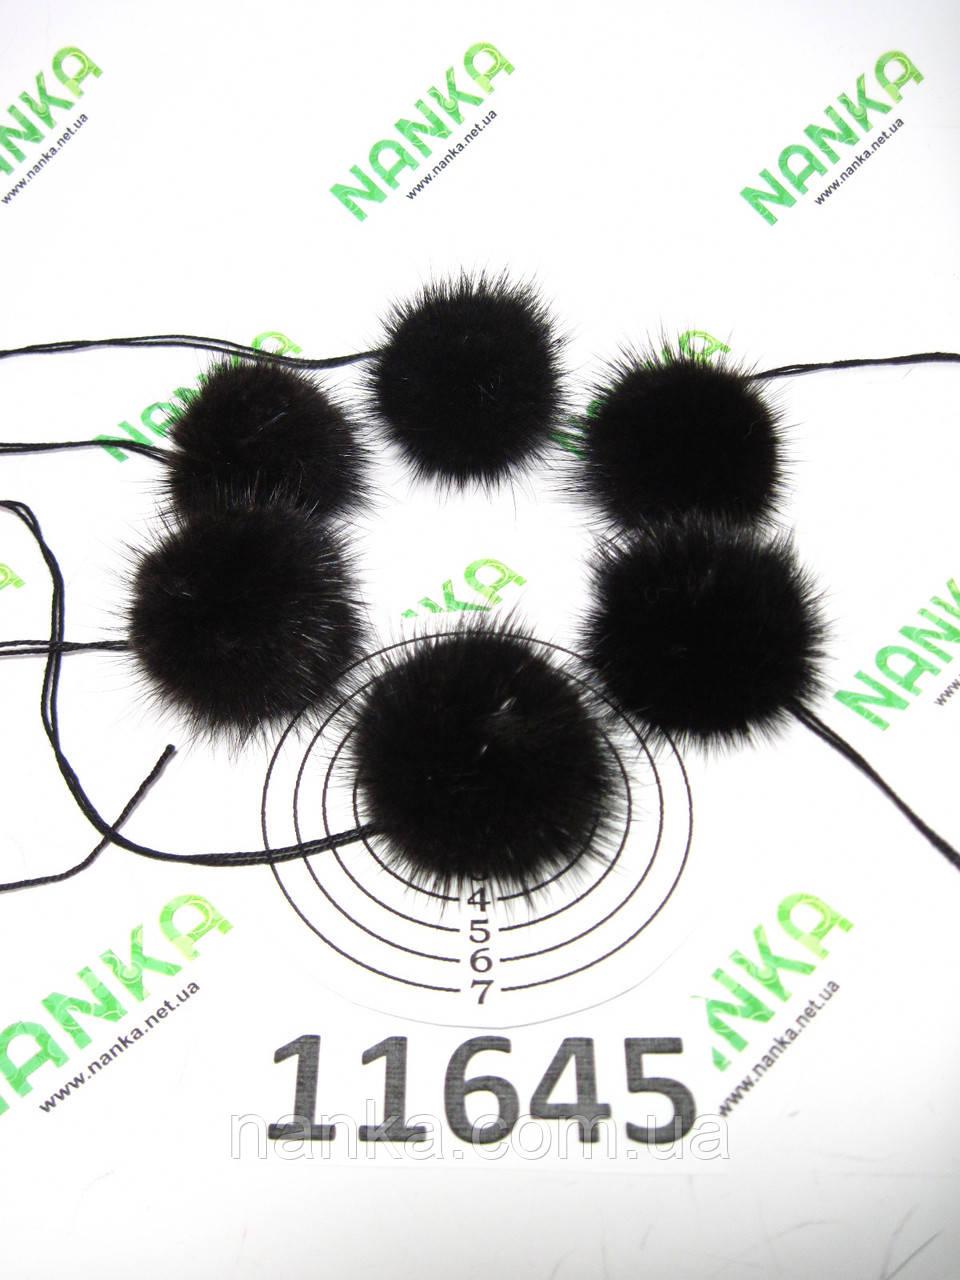 Меховой помпон Норка, Черный шоколад, 4 см, (6 шт) 11645